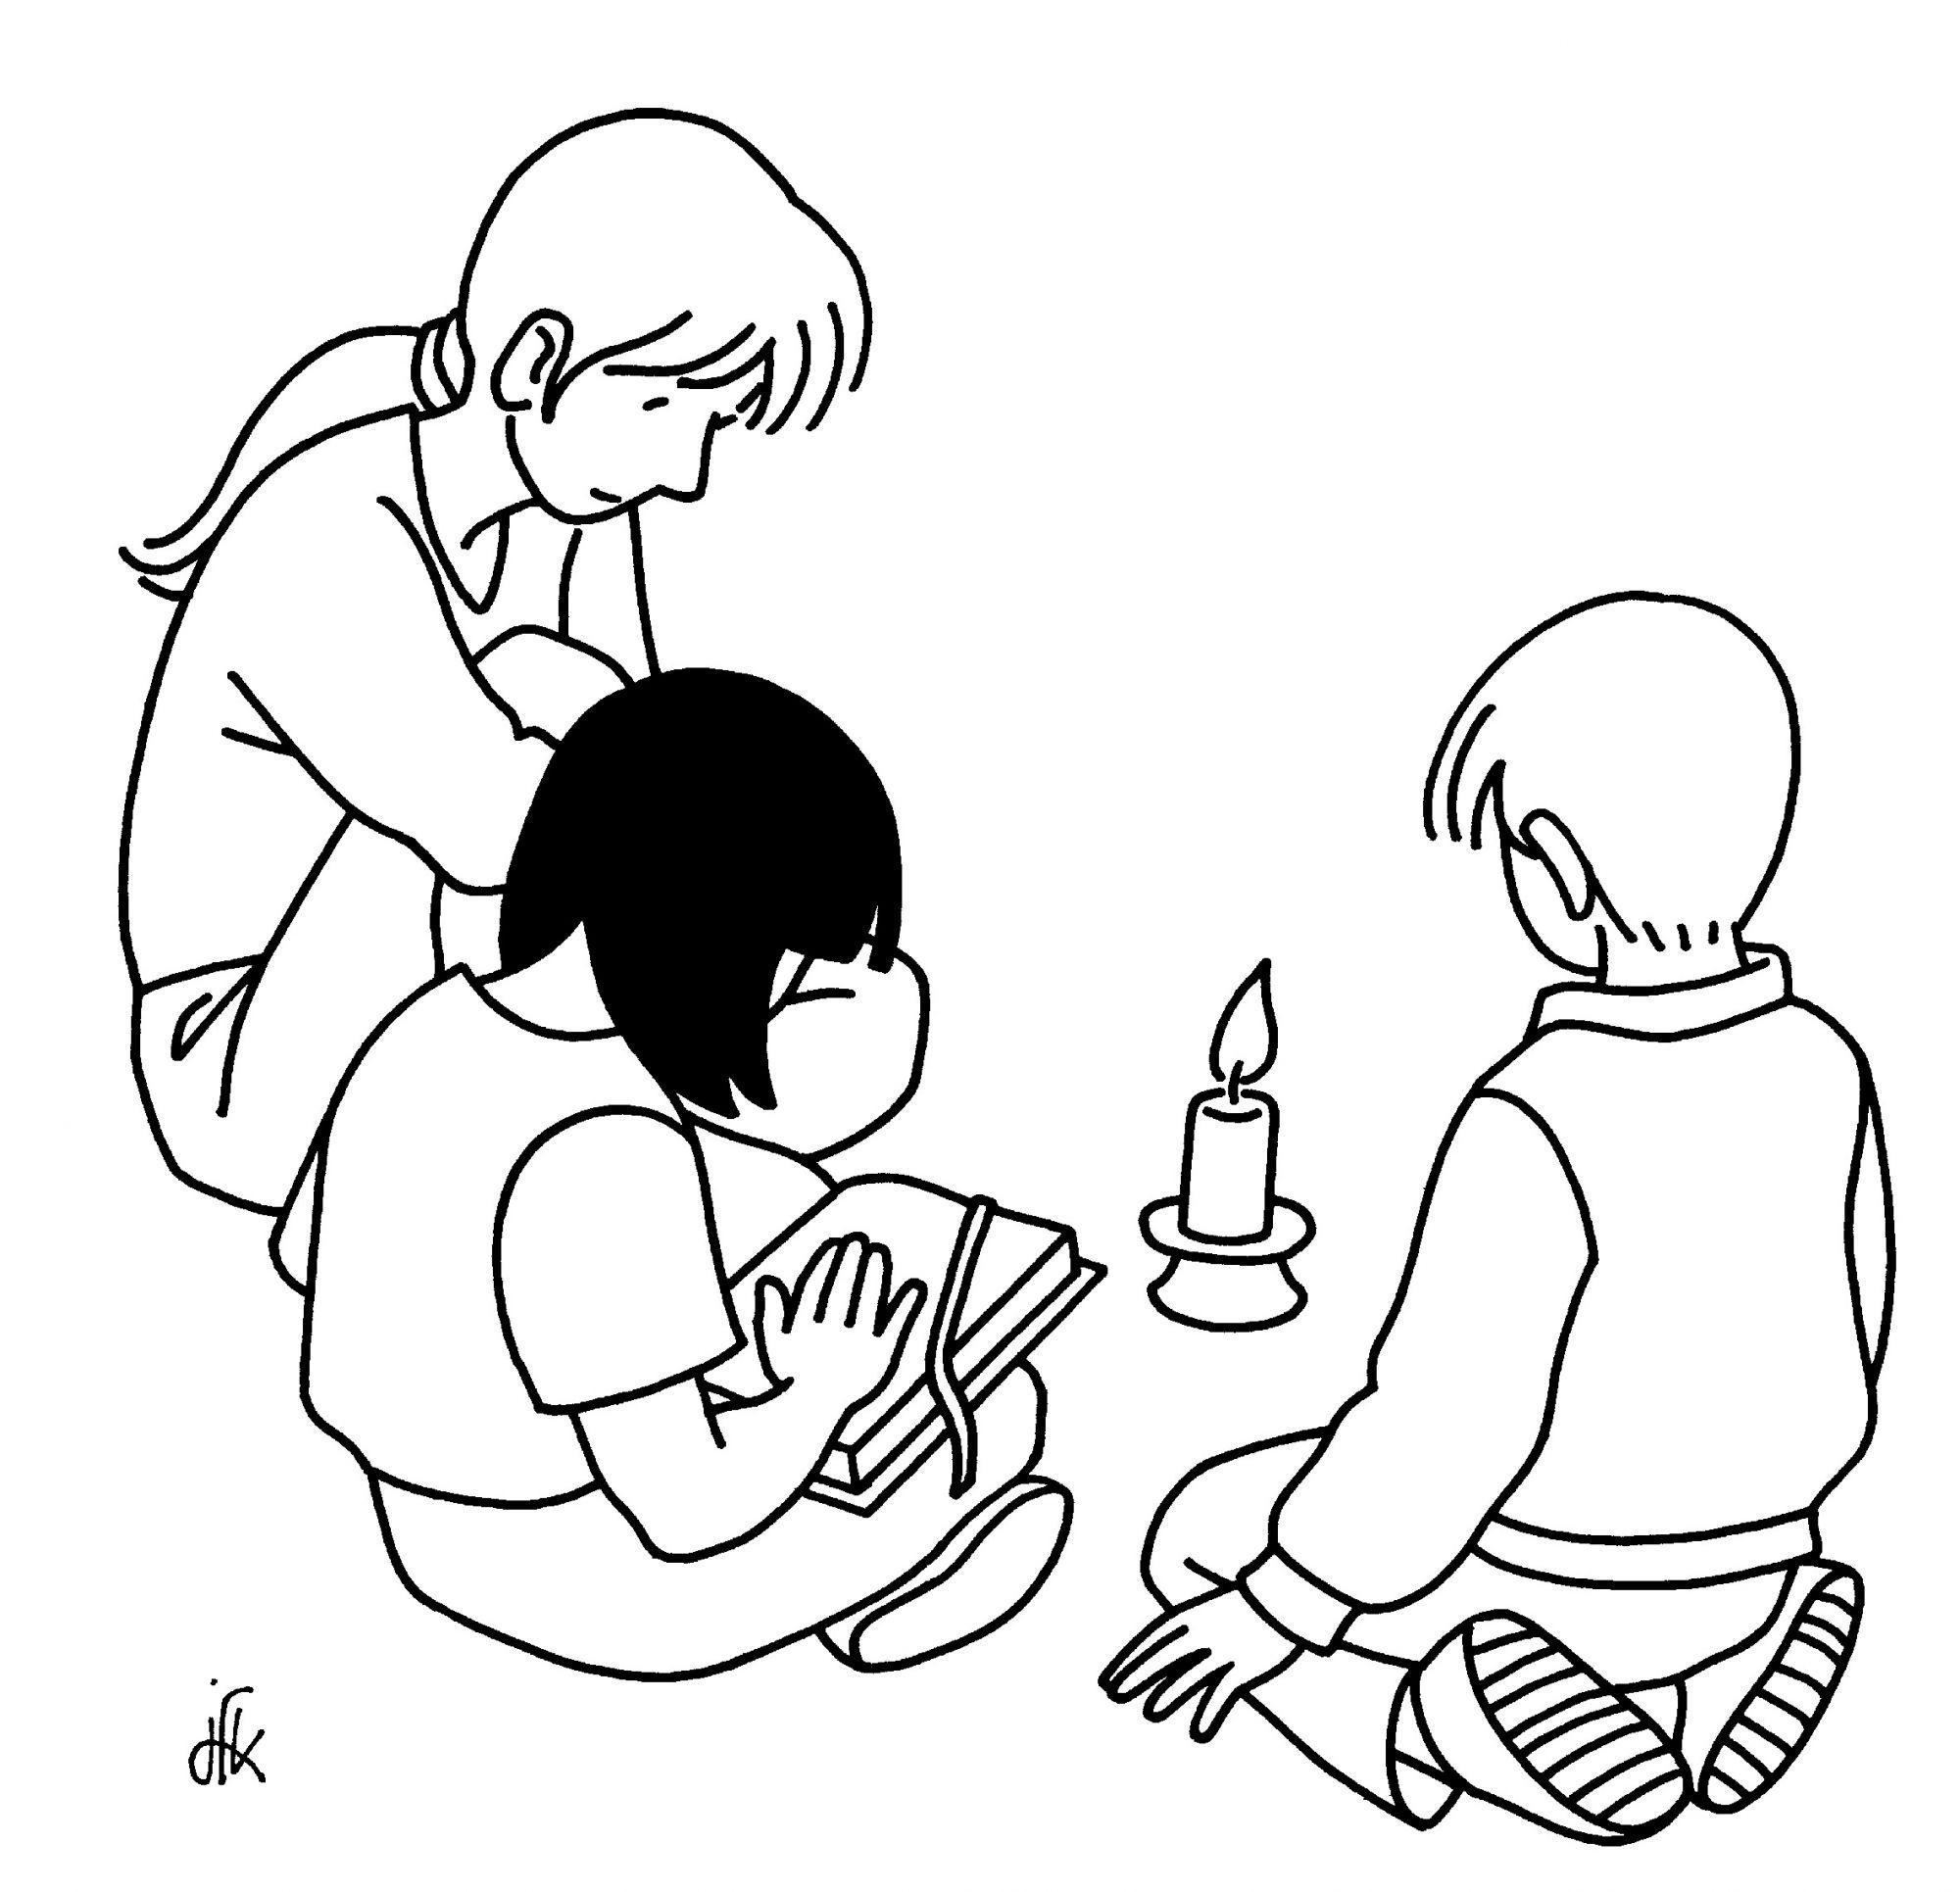 enfants-priere-349091